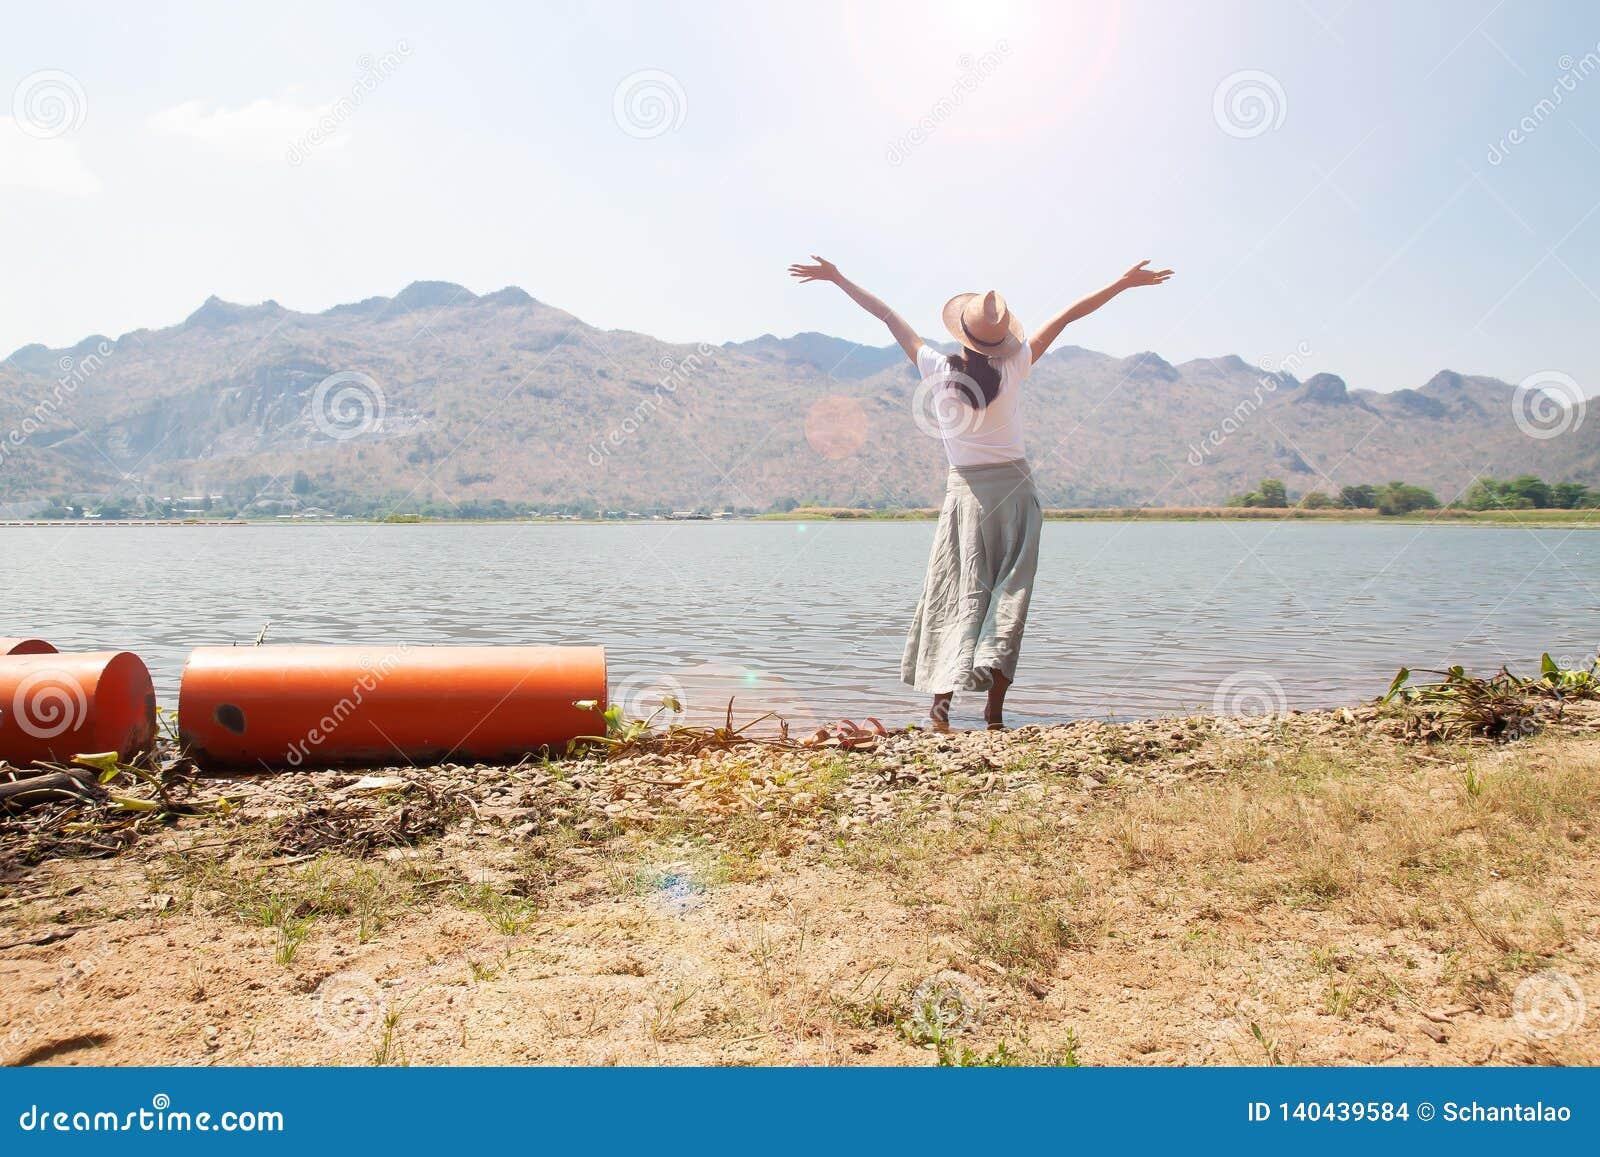 Ευτυχής ασιατική γυναίκα στον περιστασιακό ιματισμό ύφους που αυξάνεται επάνω στα όπλα και στάση στον ποταμό με τη θέα βουνού